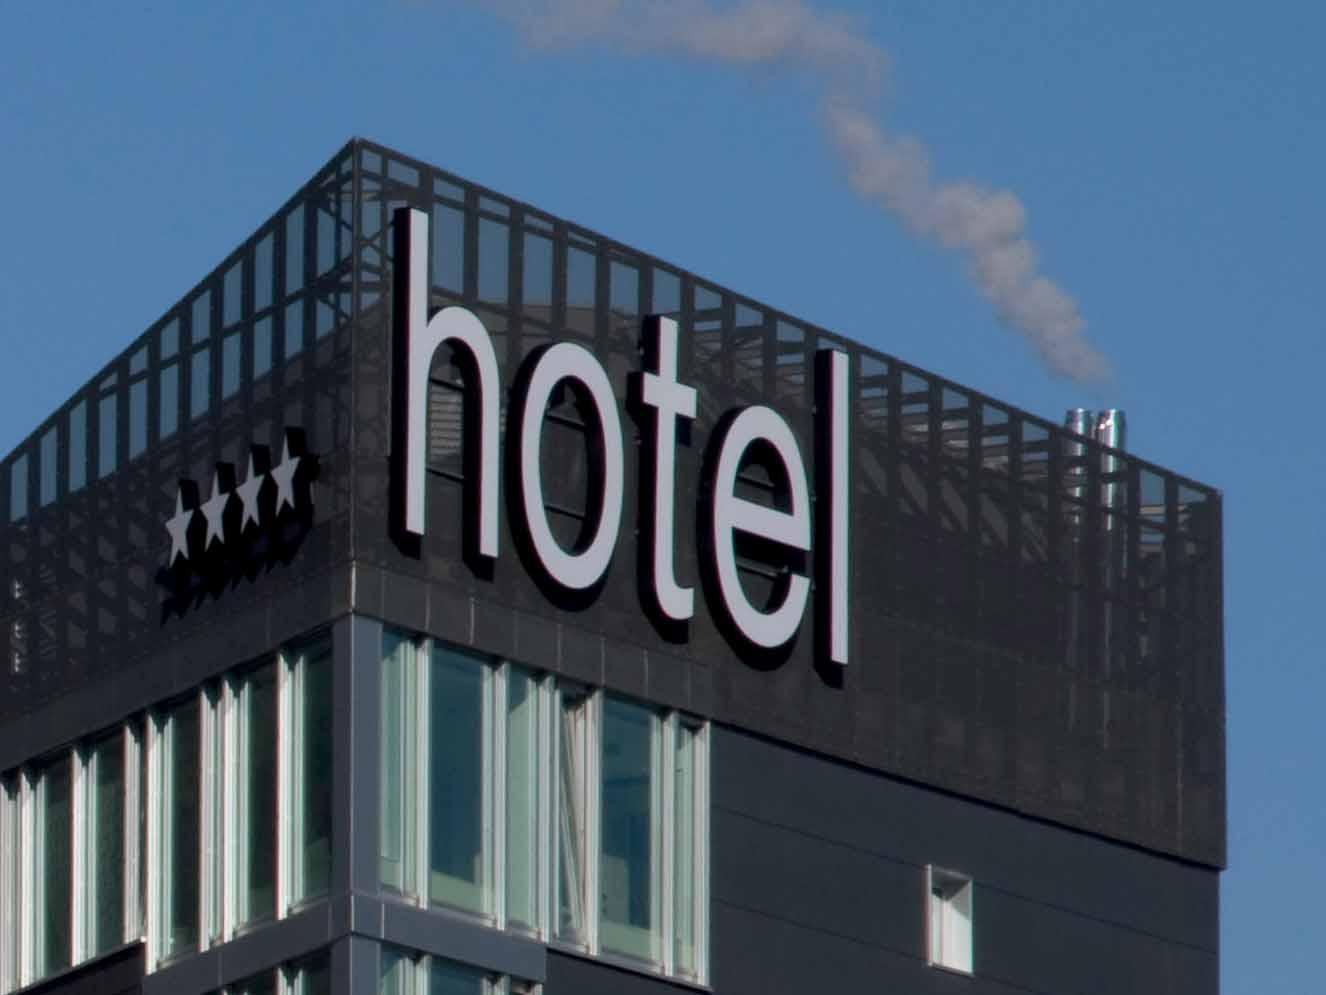 Strutture alberghiere del NordEst Hotel Nerocubo esterni 0868